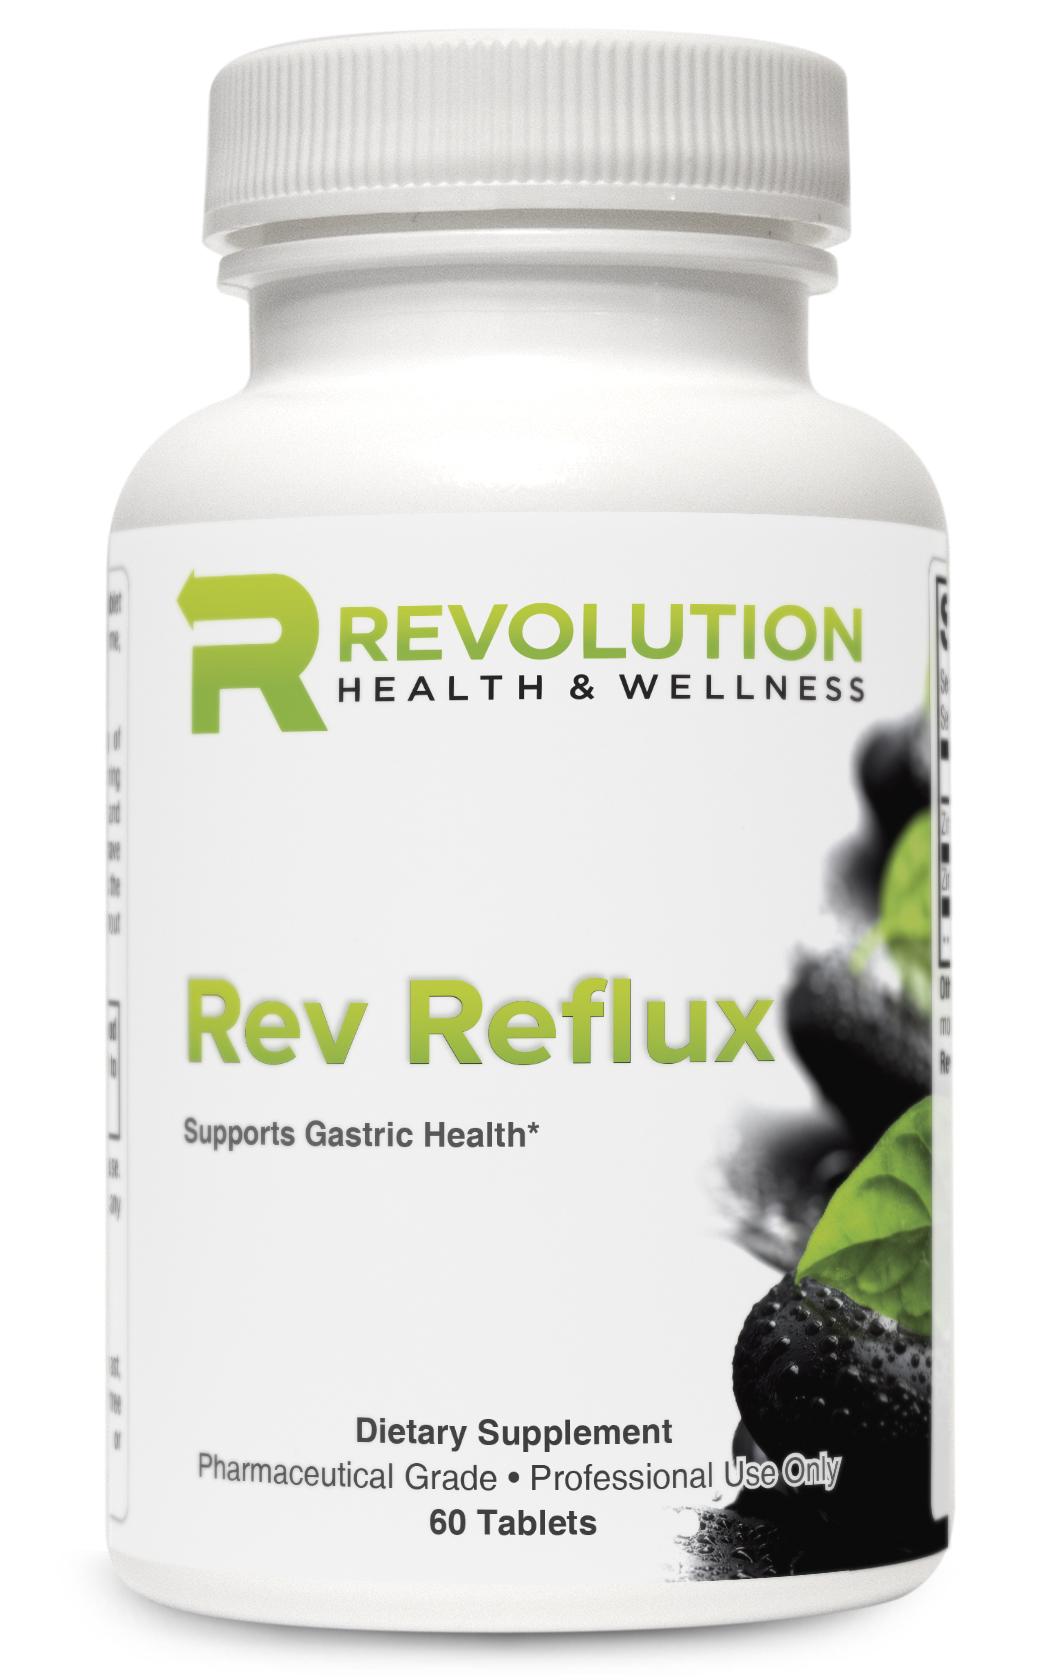 Rev Reflux